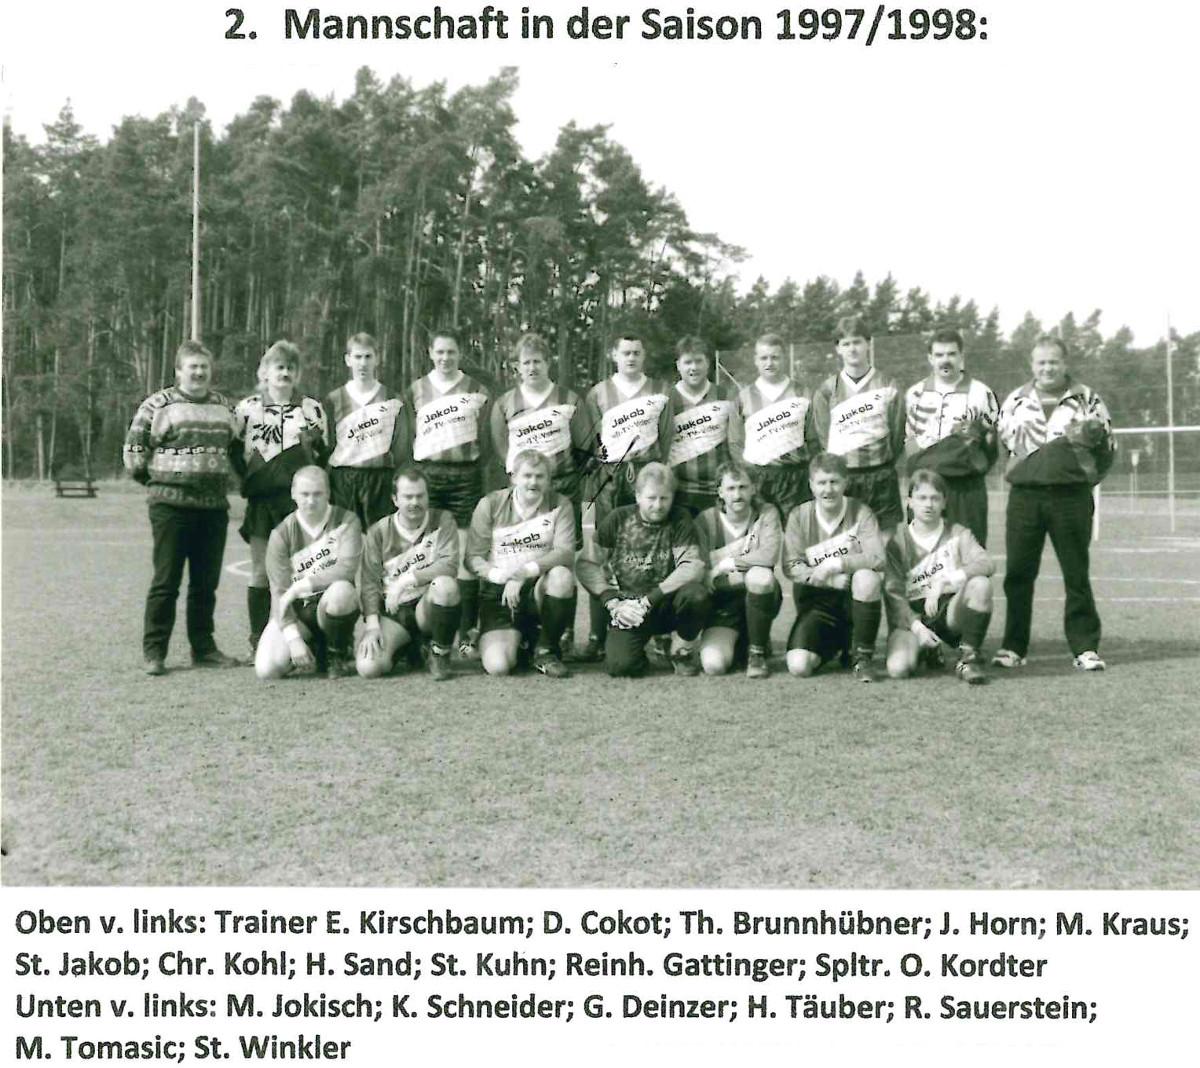 sfl-95-98-30c-herren2-1997